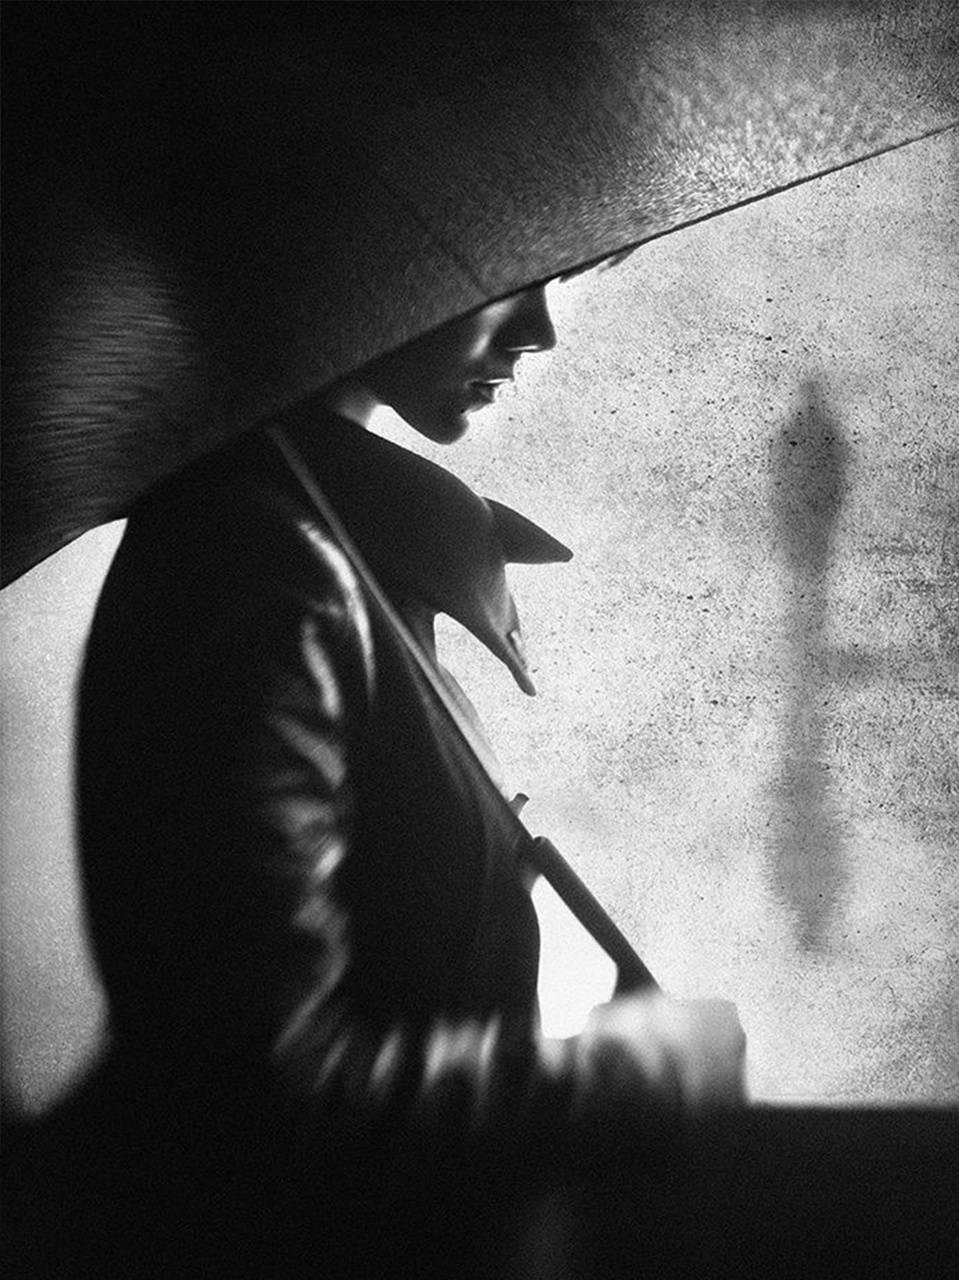 Risultato immagini per black and white shadow portraits